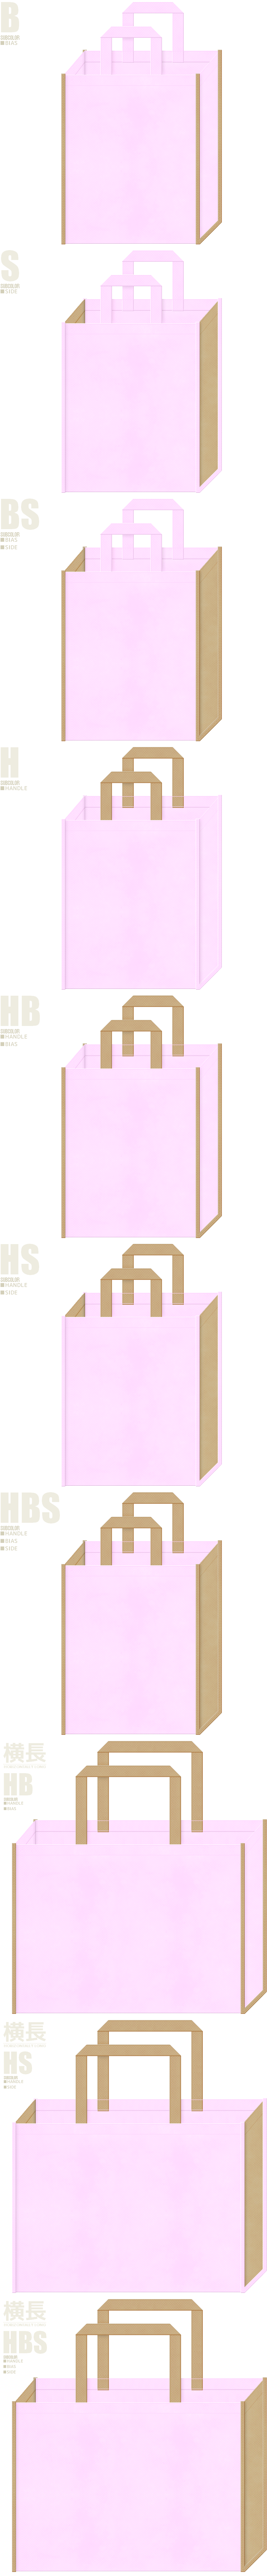 明るめのピンク色とカーキ色、7パターンの不織布トートバッグ配色デザイン例。girlyな不織布バッグにお奨めです。